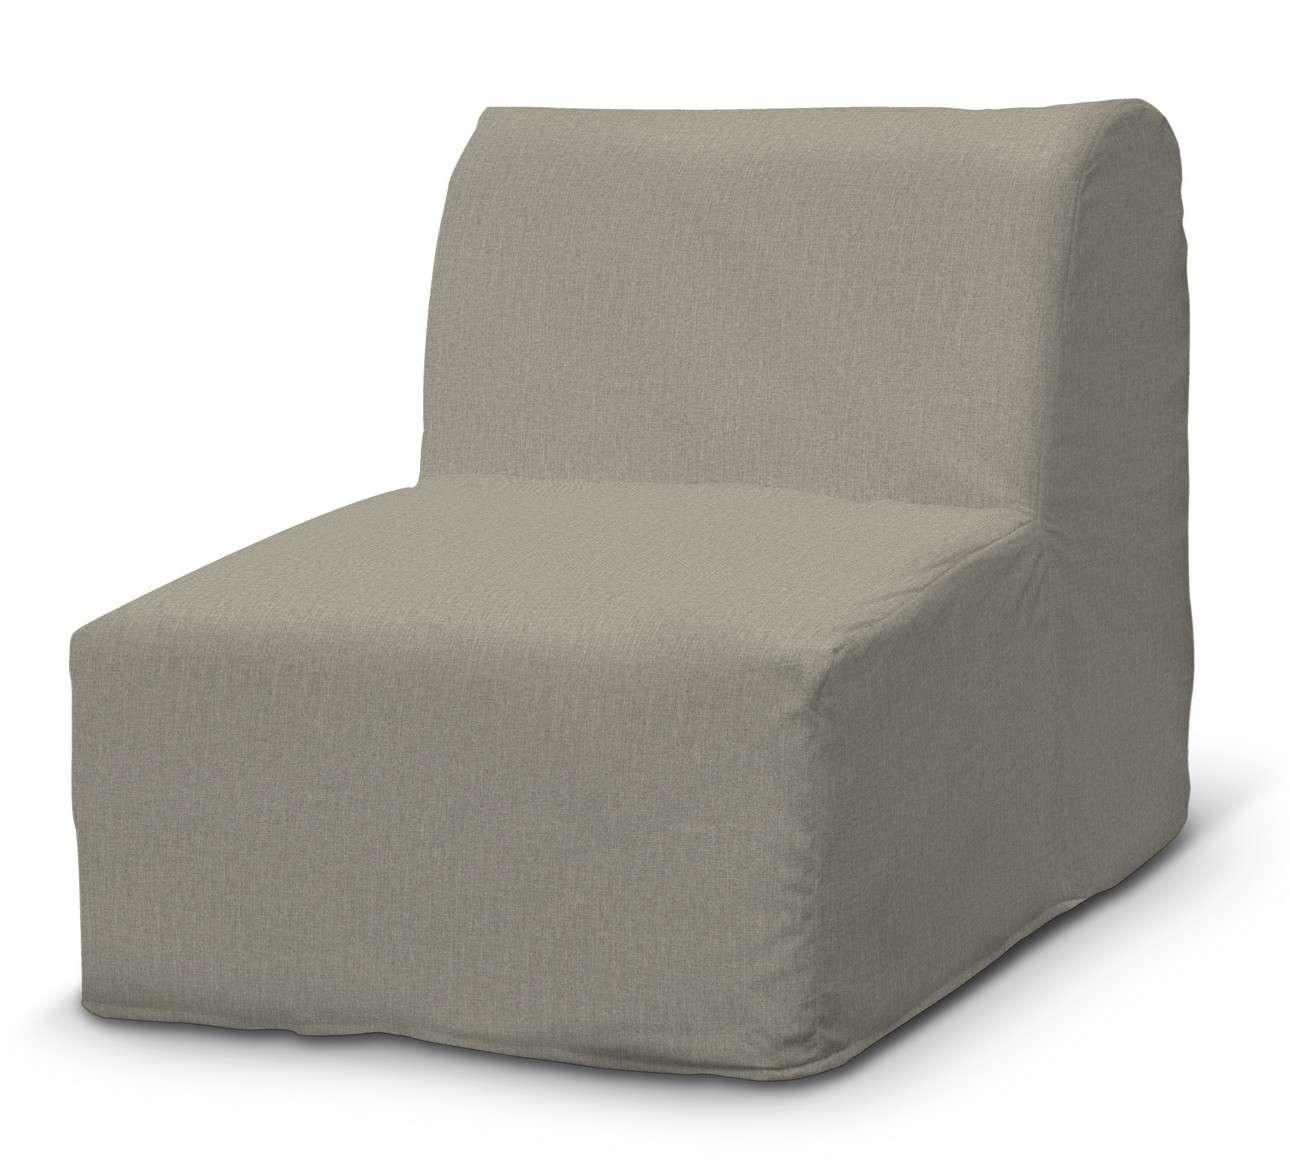 Pokrowiec na fotel Lycksele prosty w kolekcji City, tkanina: 704-80